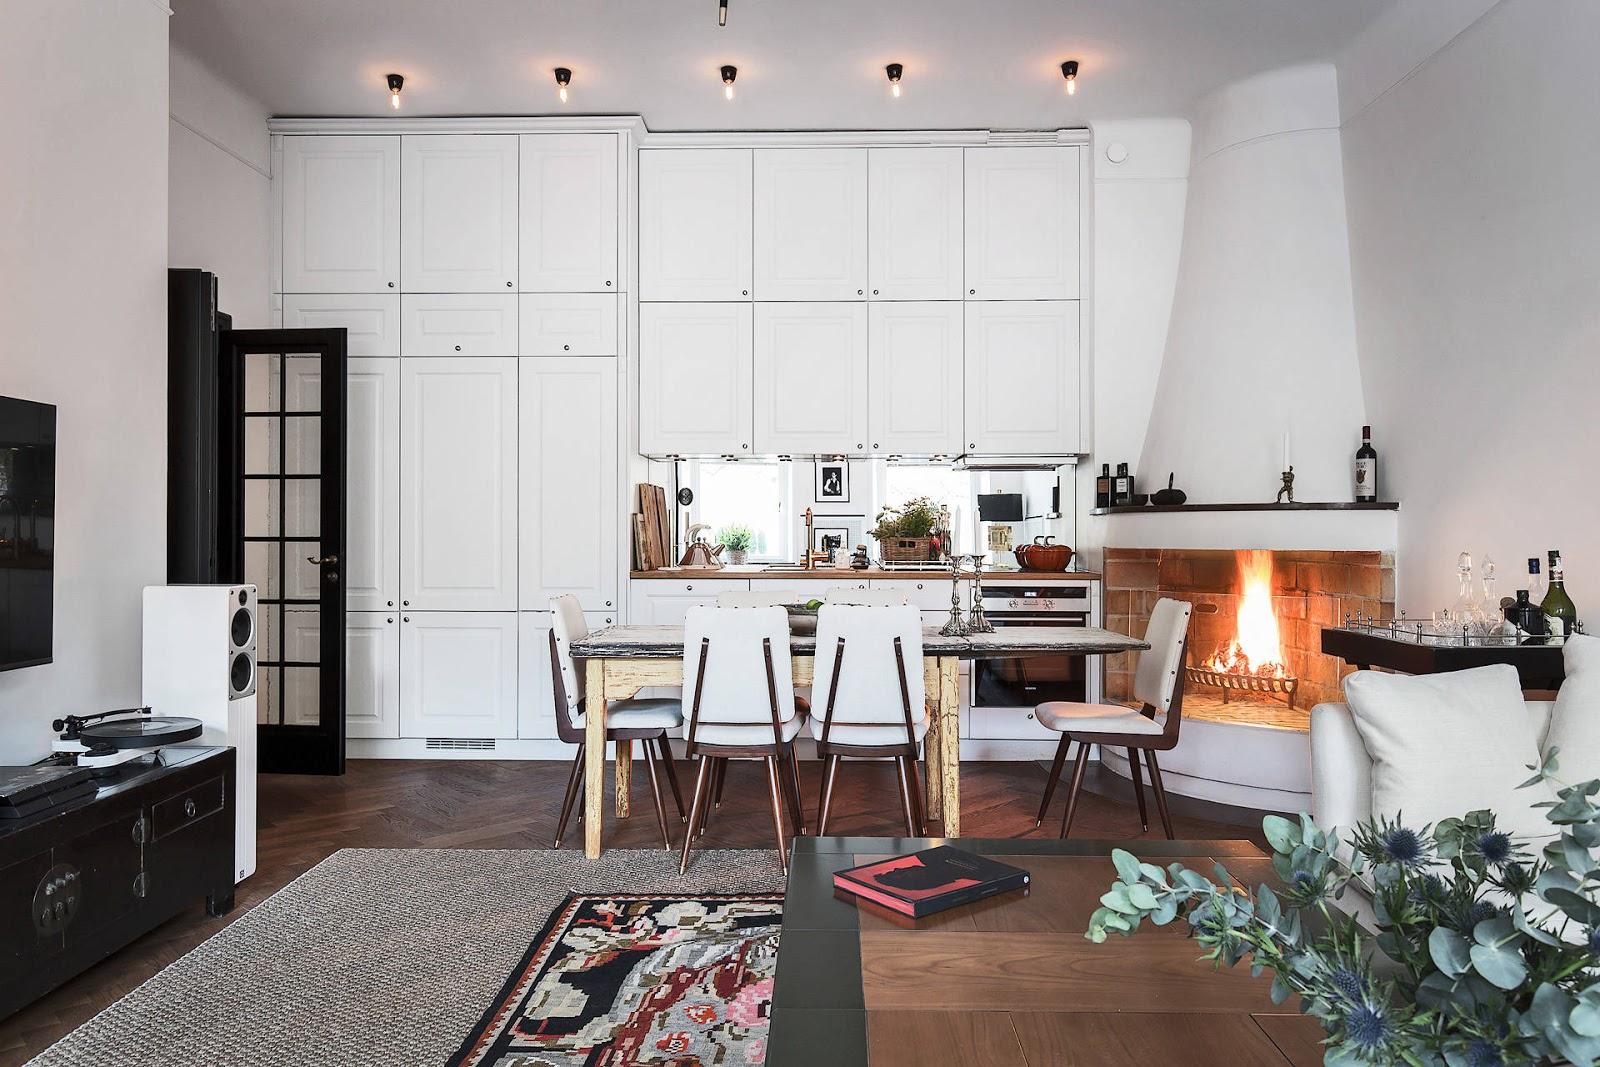 Accente vintage și bucătărie până în tavan într-un apartament de 73 m² 1.jpg